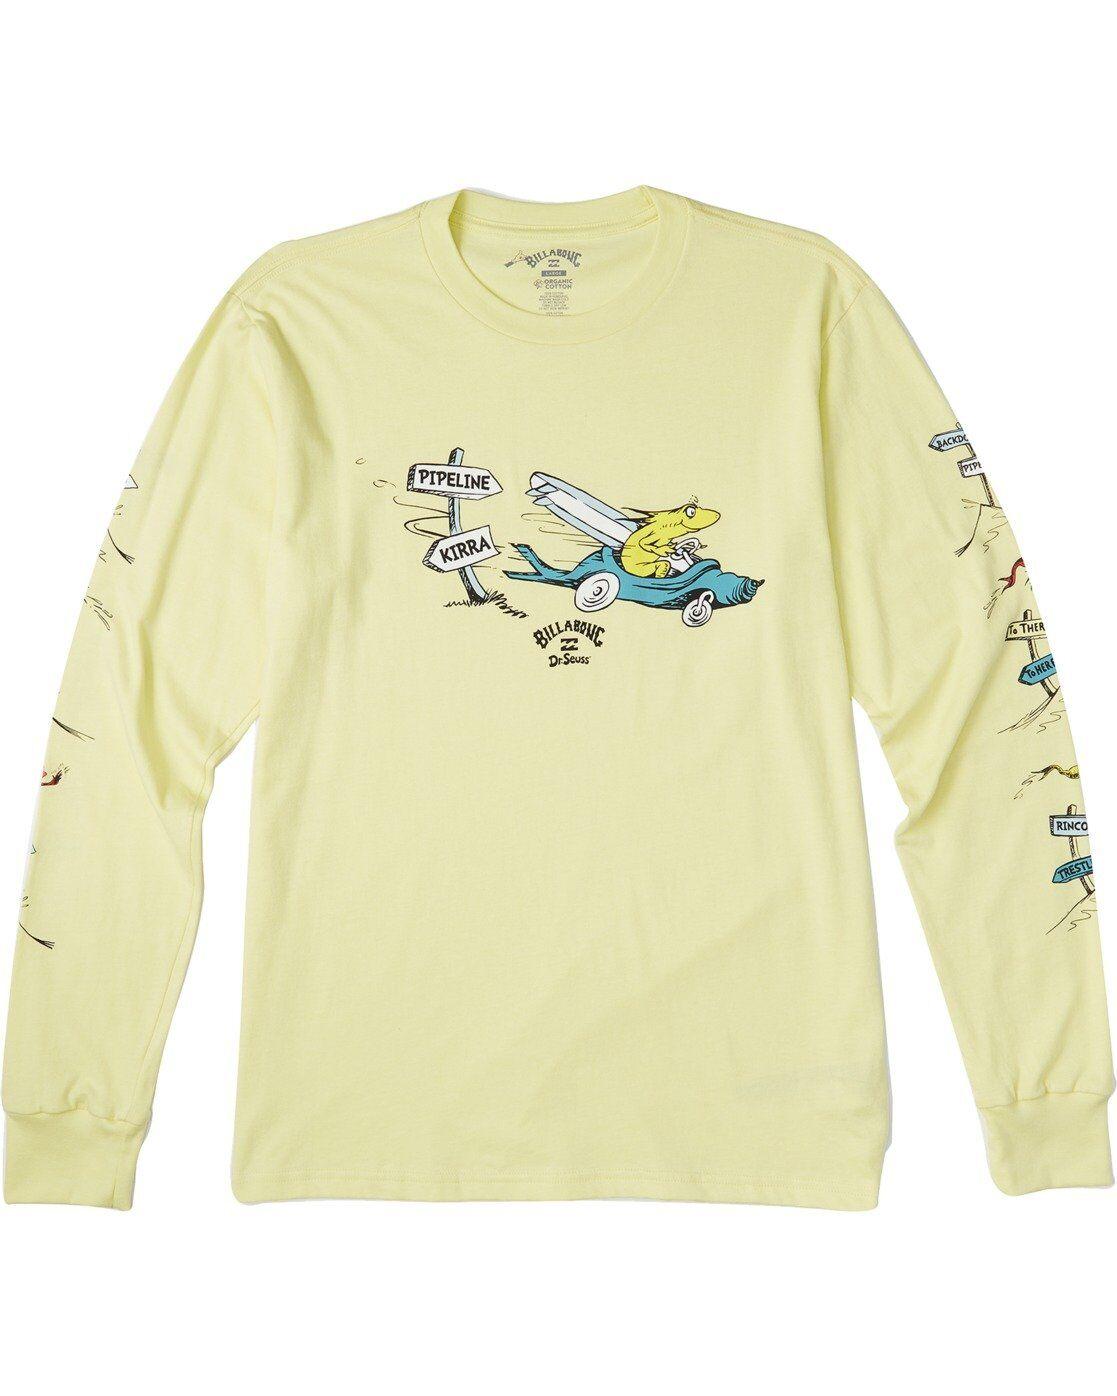 Billabong Boys' (2-7) Little Car Long Sleeve T-Shirt  - Yellow - Size: 2T